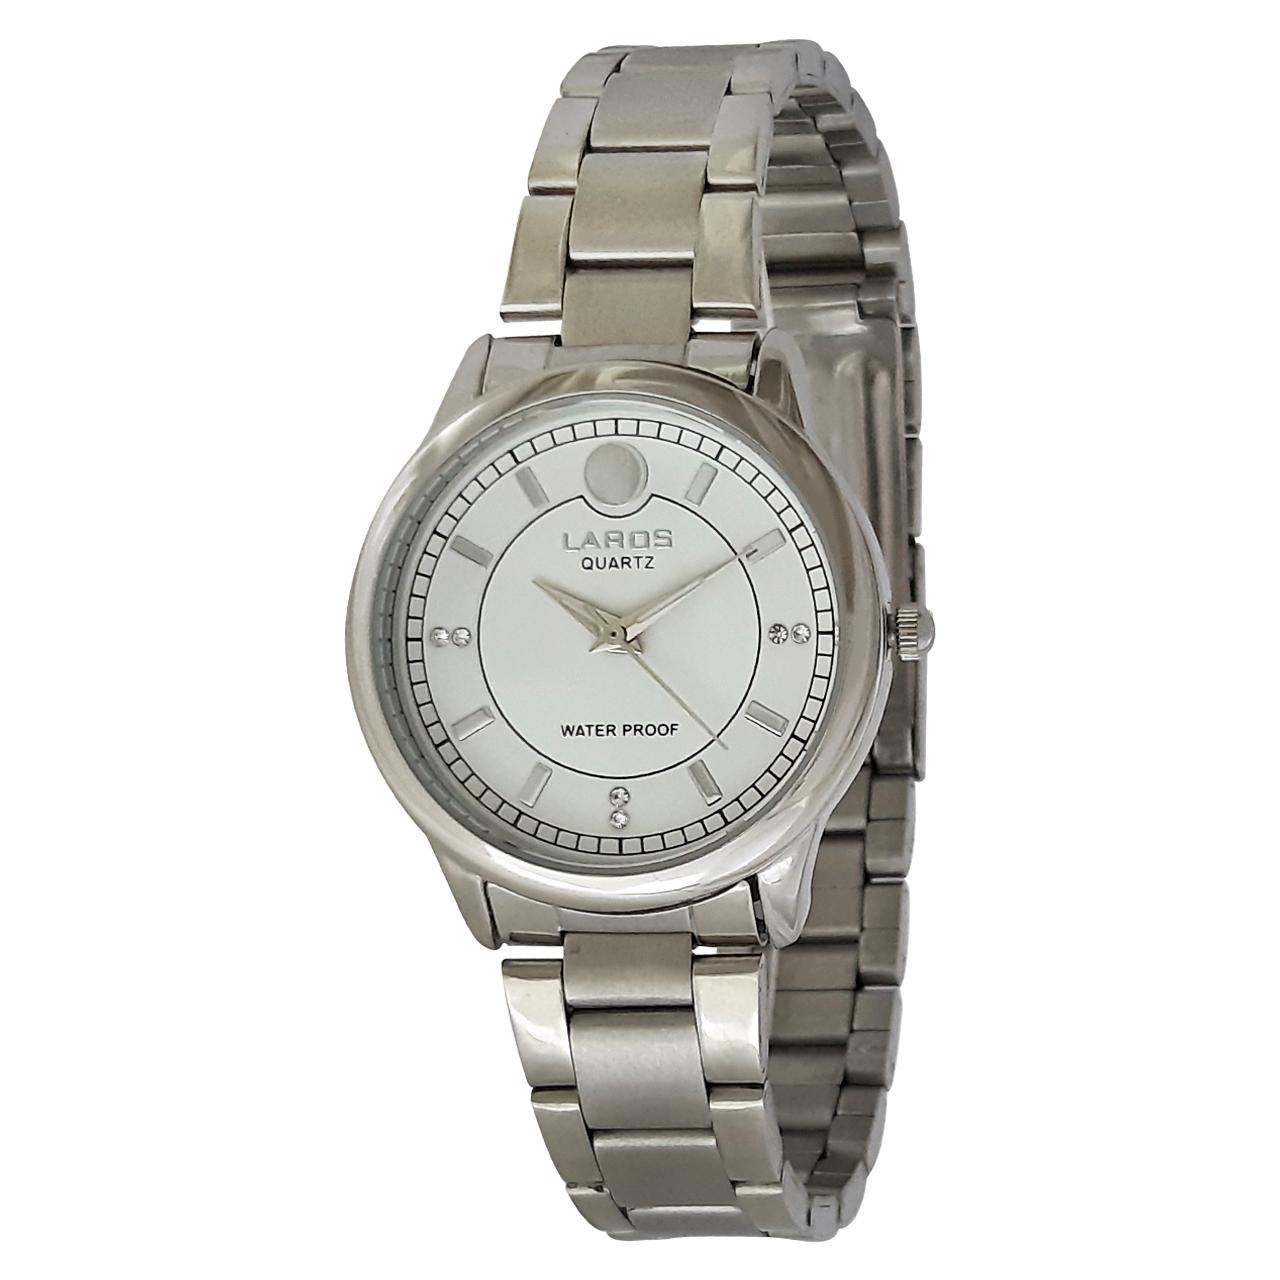 ساعت مچی عقربه ای زنانه لاروس مدل 0916-79914 به همراه دستمال مخصوص برند کلین واچ 44